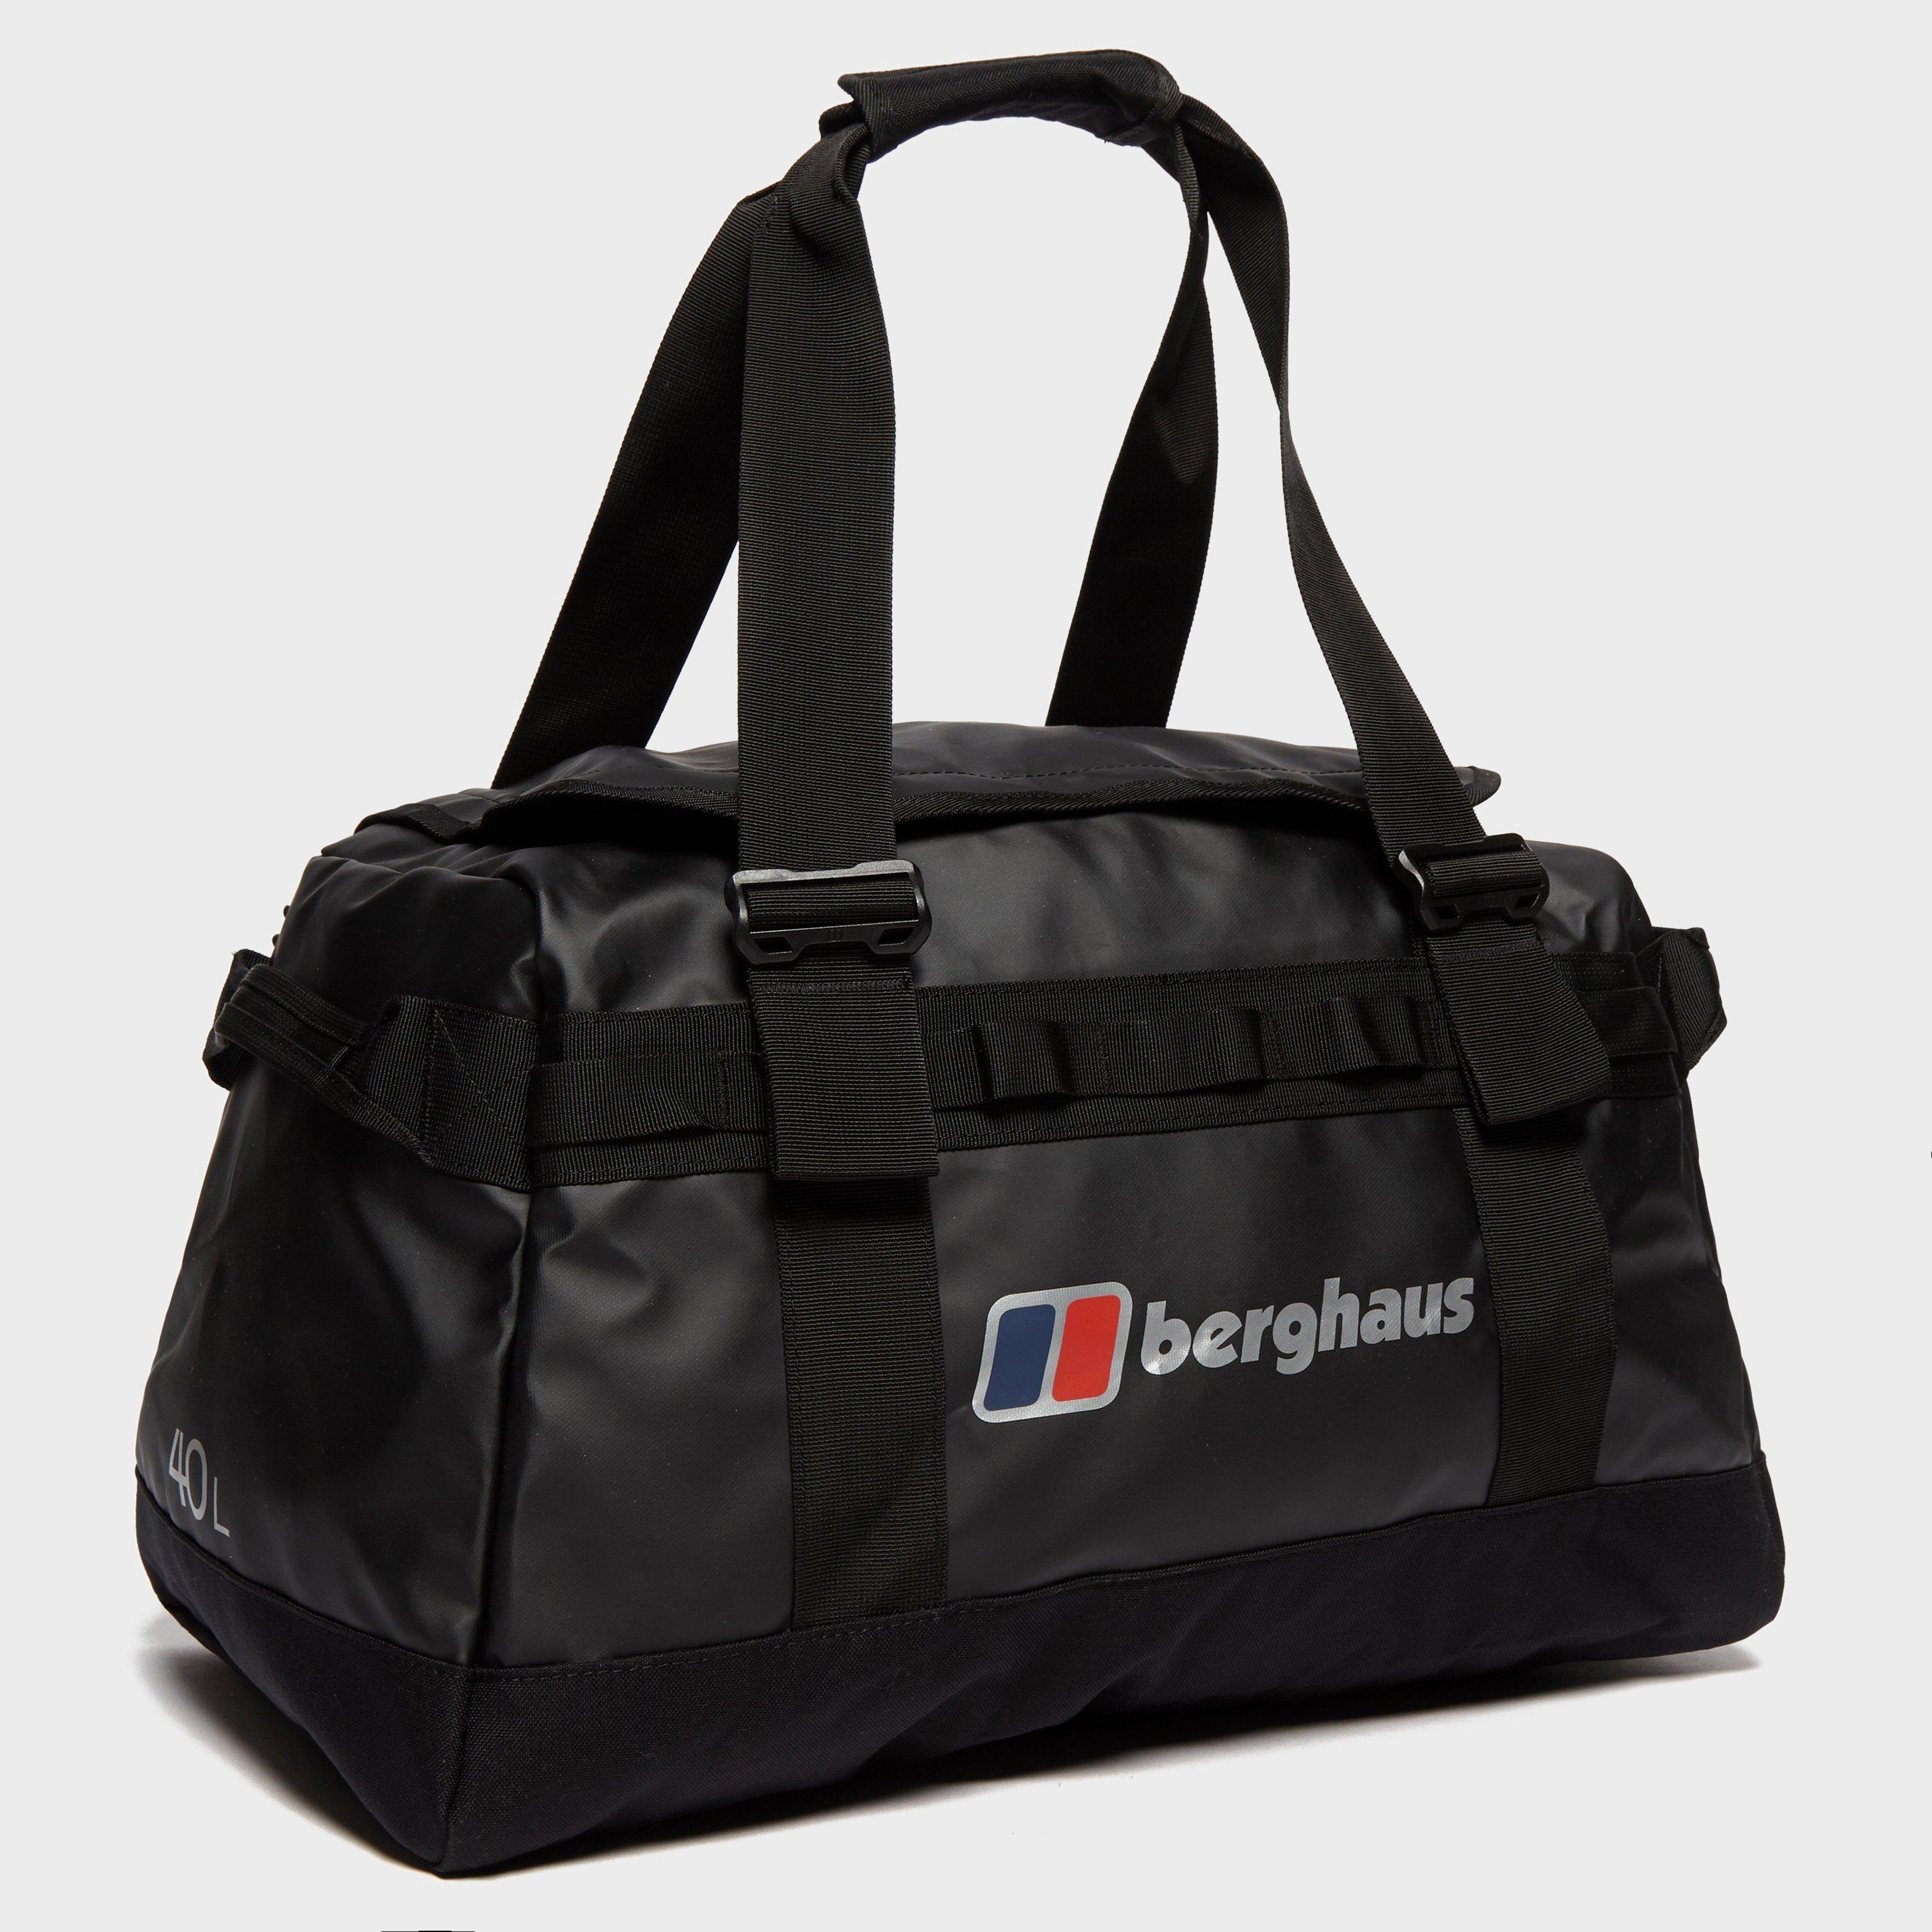 Berghaus Trailbyte 30 Rucksack - Black  Black